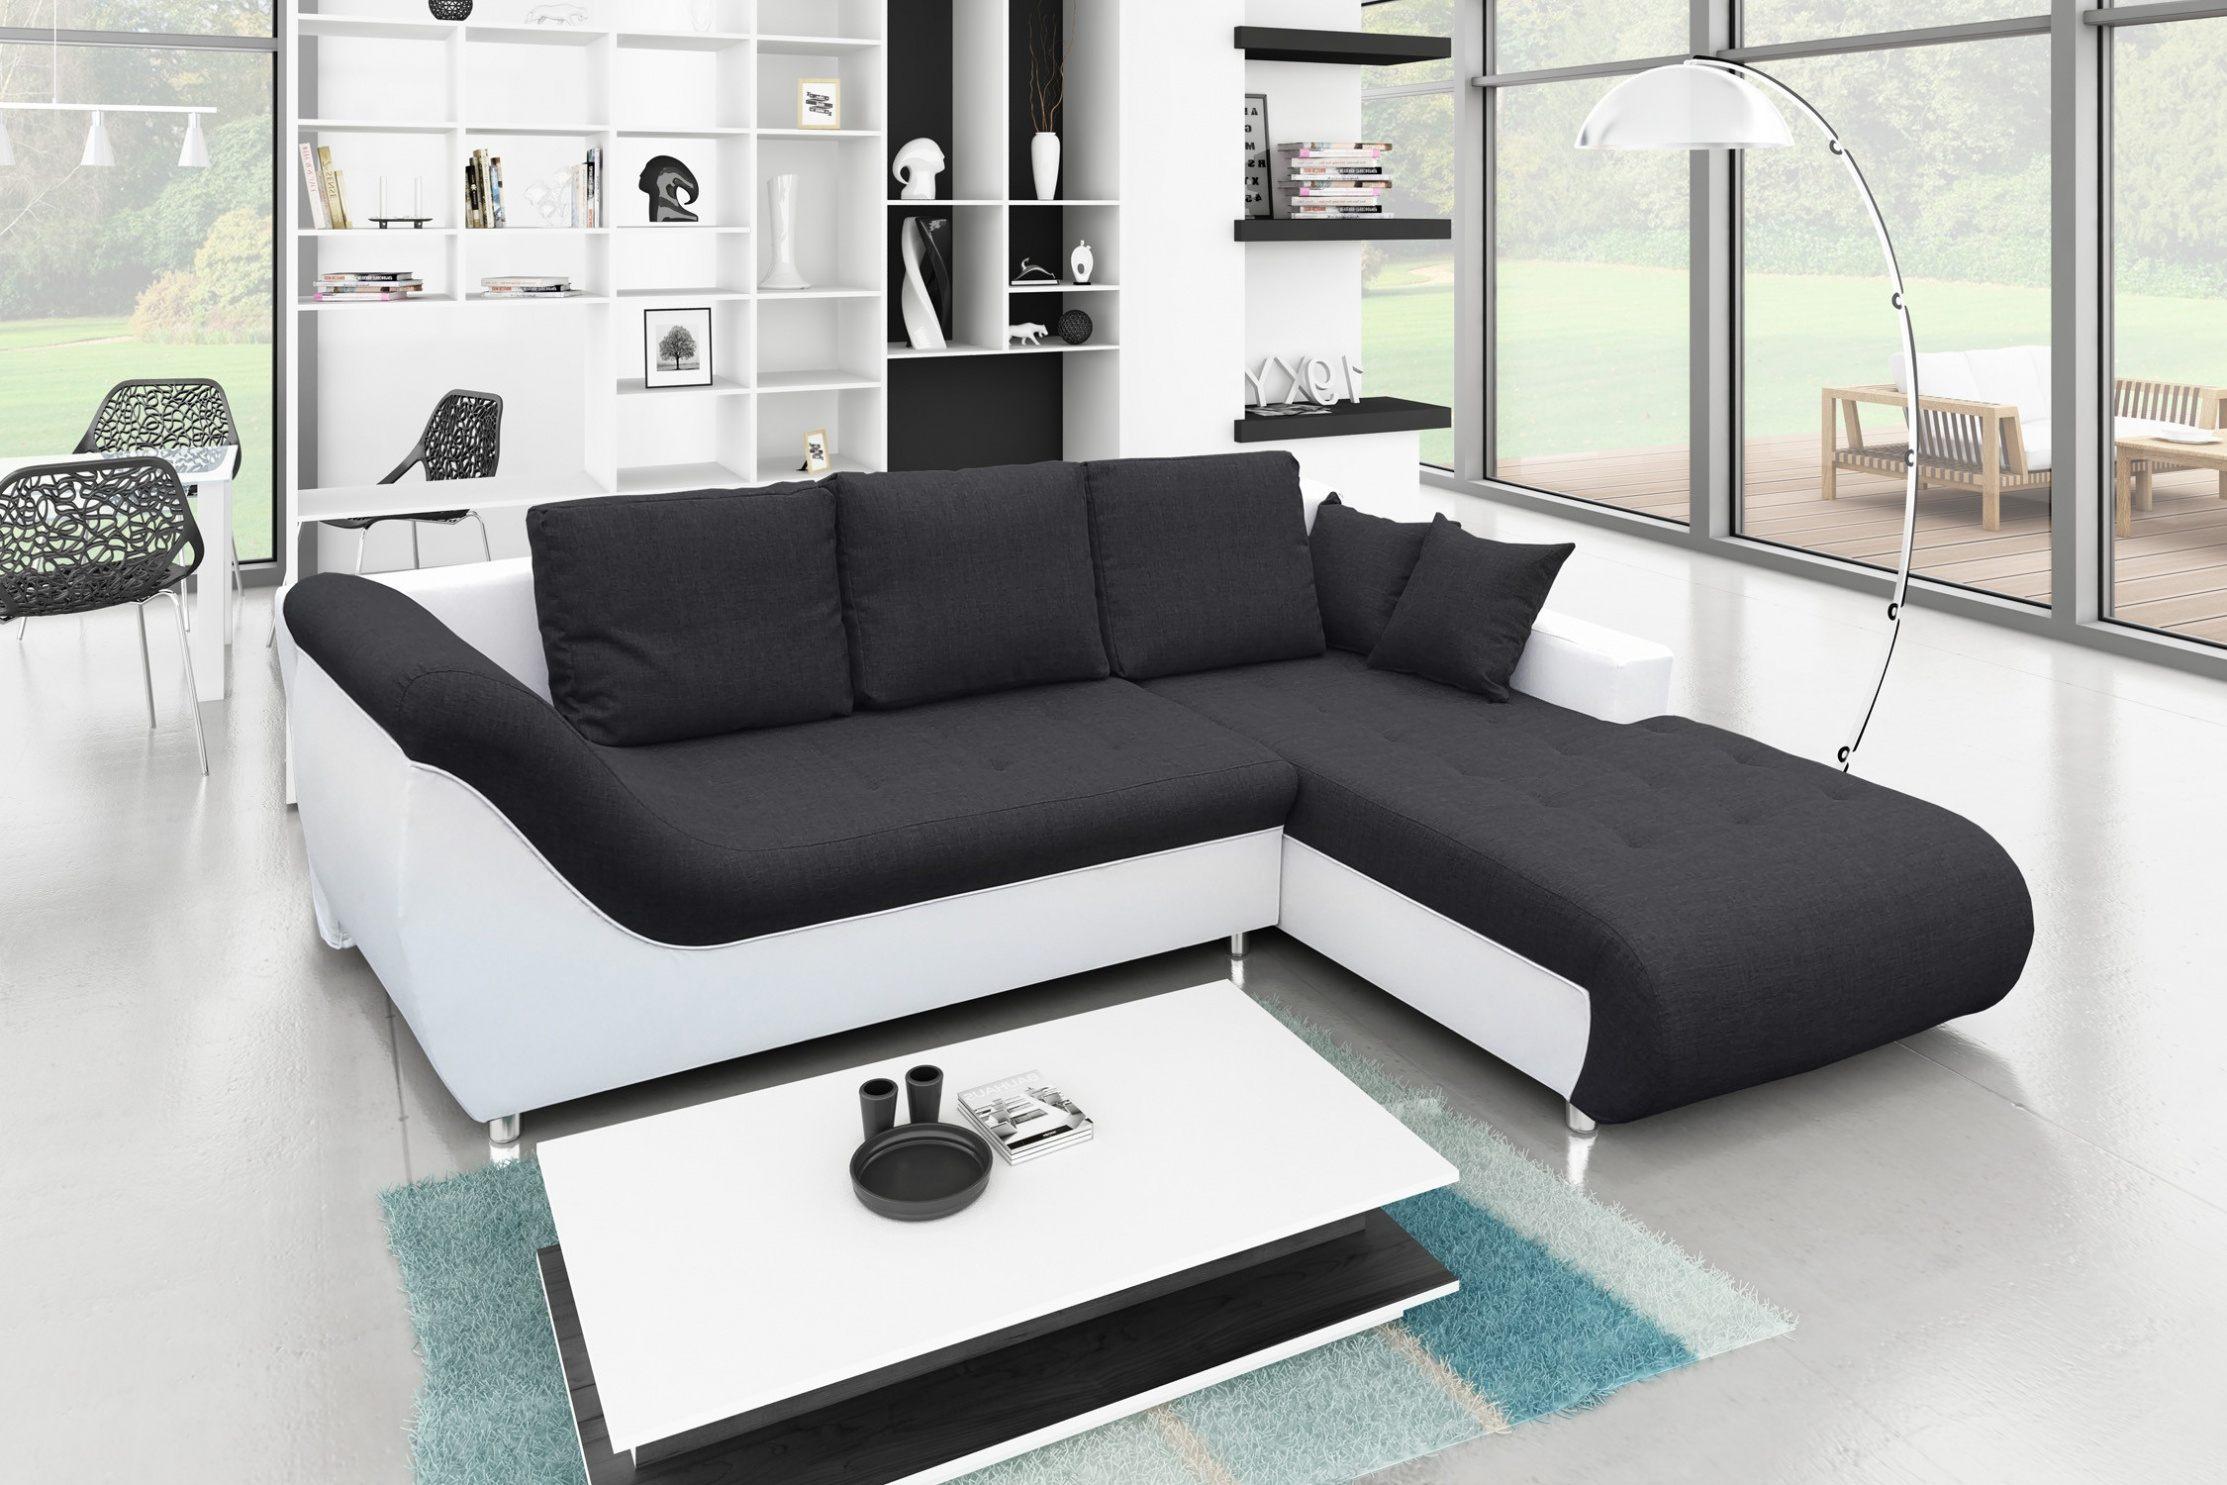 Canapé Lit Simili Cuir Belle Captivant Canapé 2 Angles Ou Lesmeubles Canapé Simili Cuir